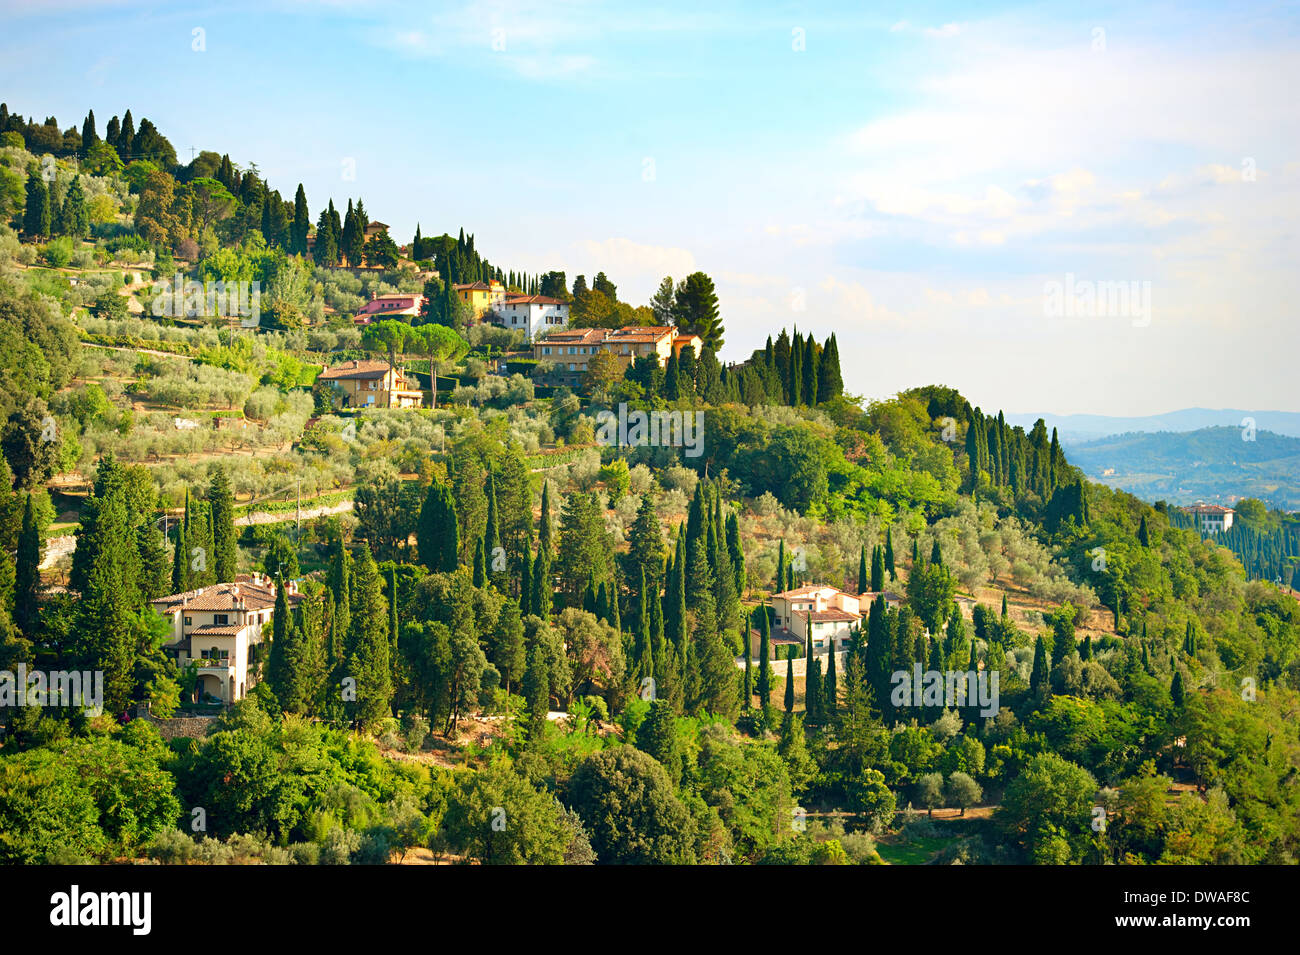 tuscany countryside near florence italy stock photos tuscany